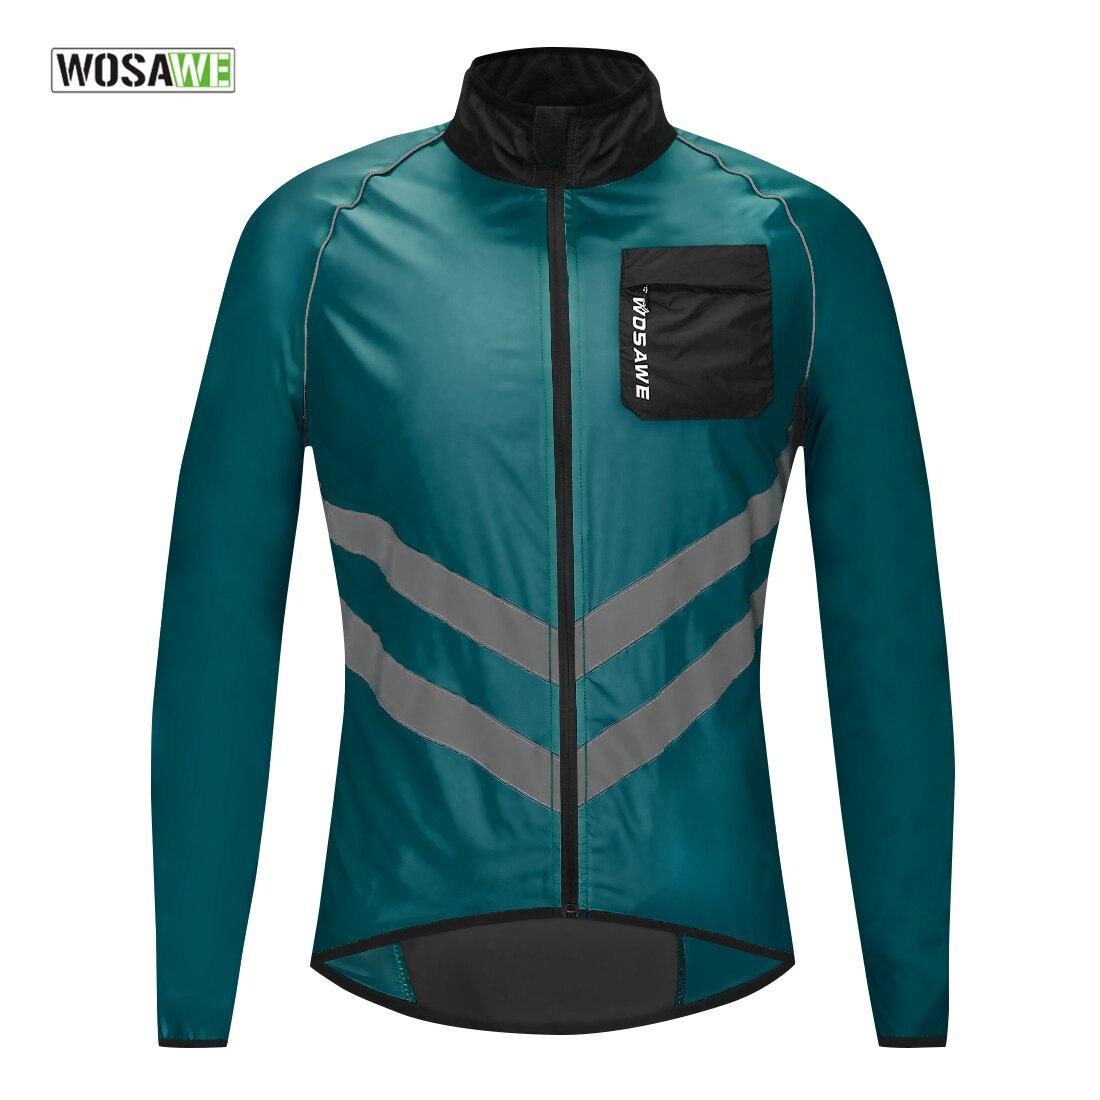 Esporte ao ar Blusão à Prova de Chuva Roupas da Bicicleta Wosawe Windproof Ciclismo Jaqueta Bicicleta Jérsei Livre Reflexivo Azul Marinho Mtb